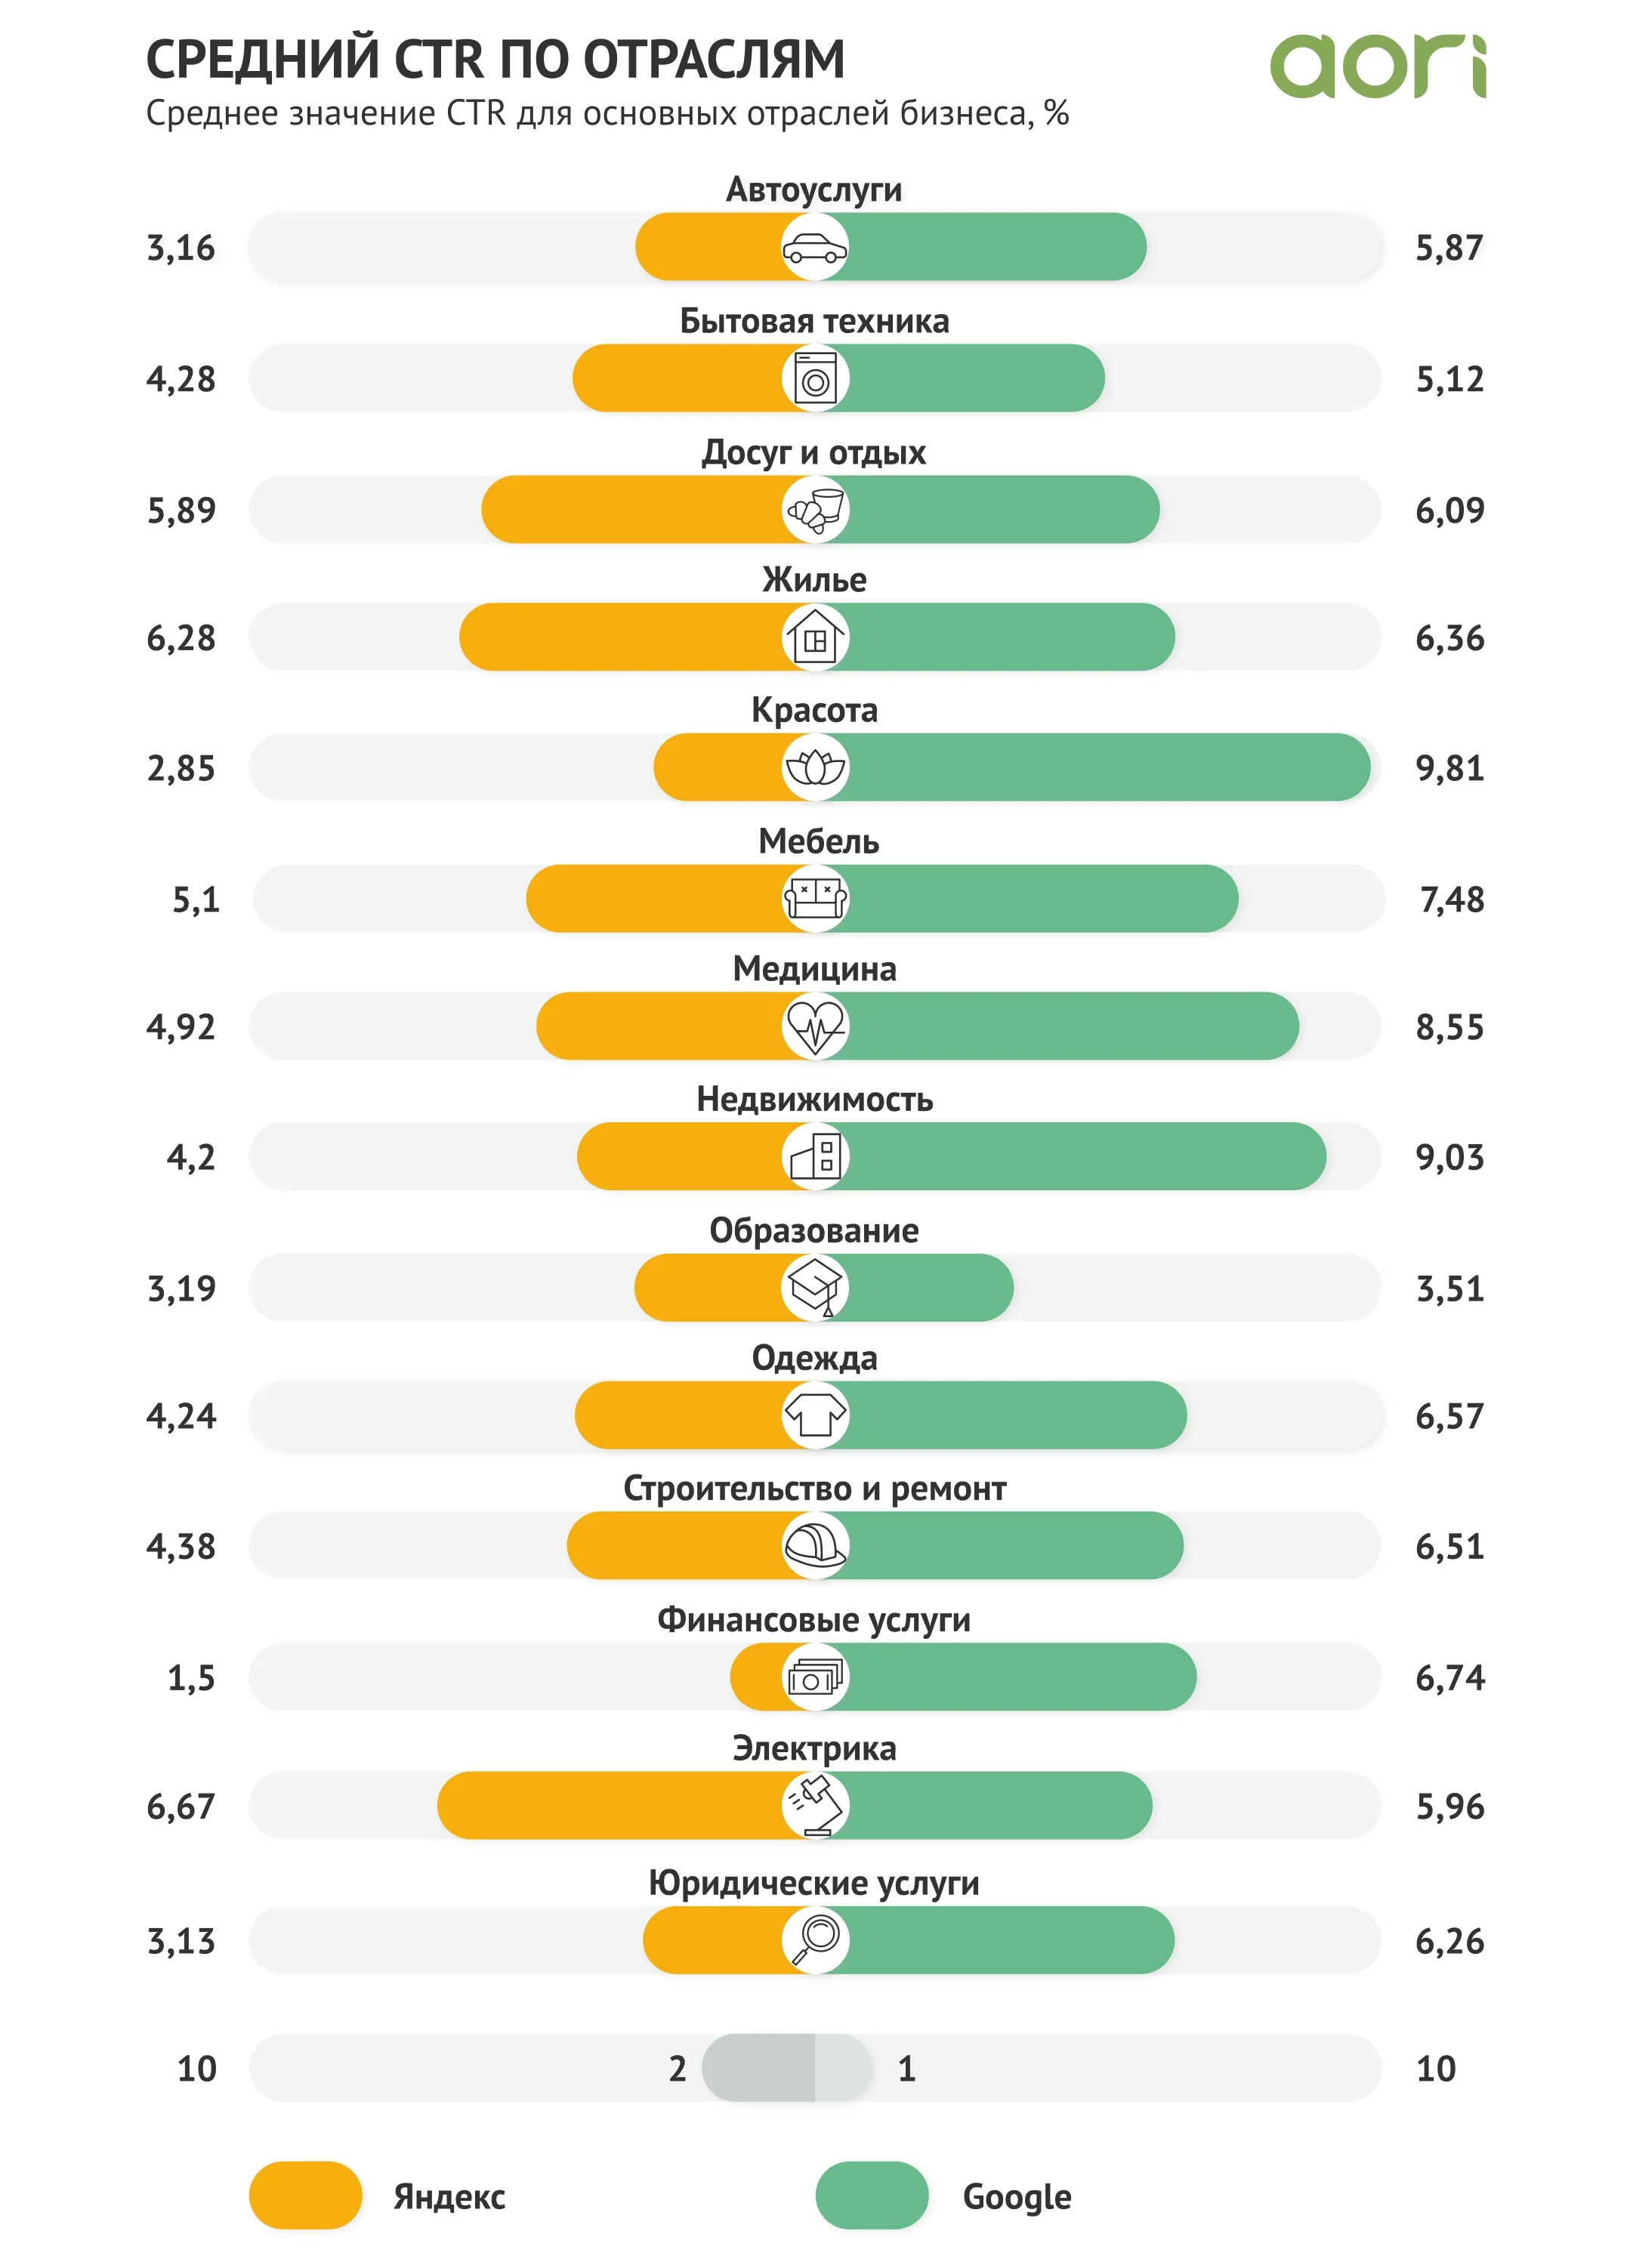 Средний CTR по отраслям